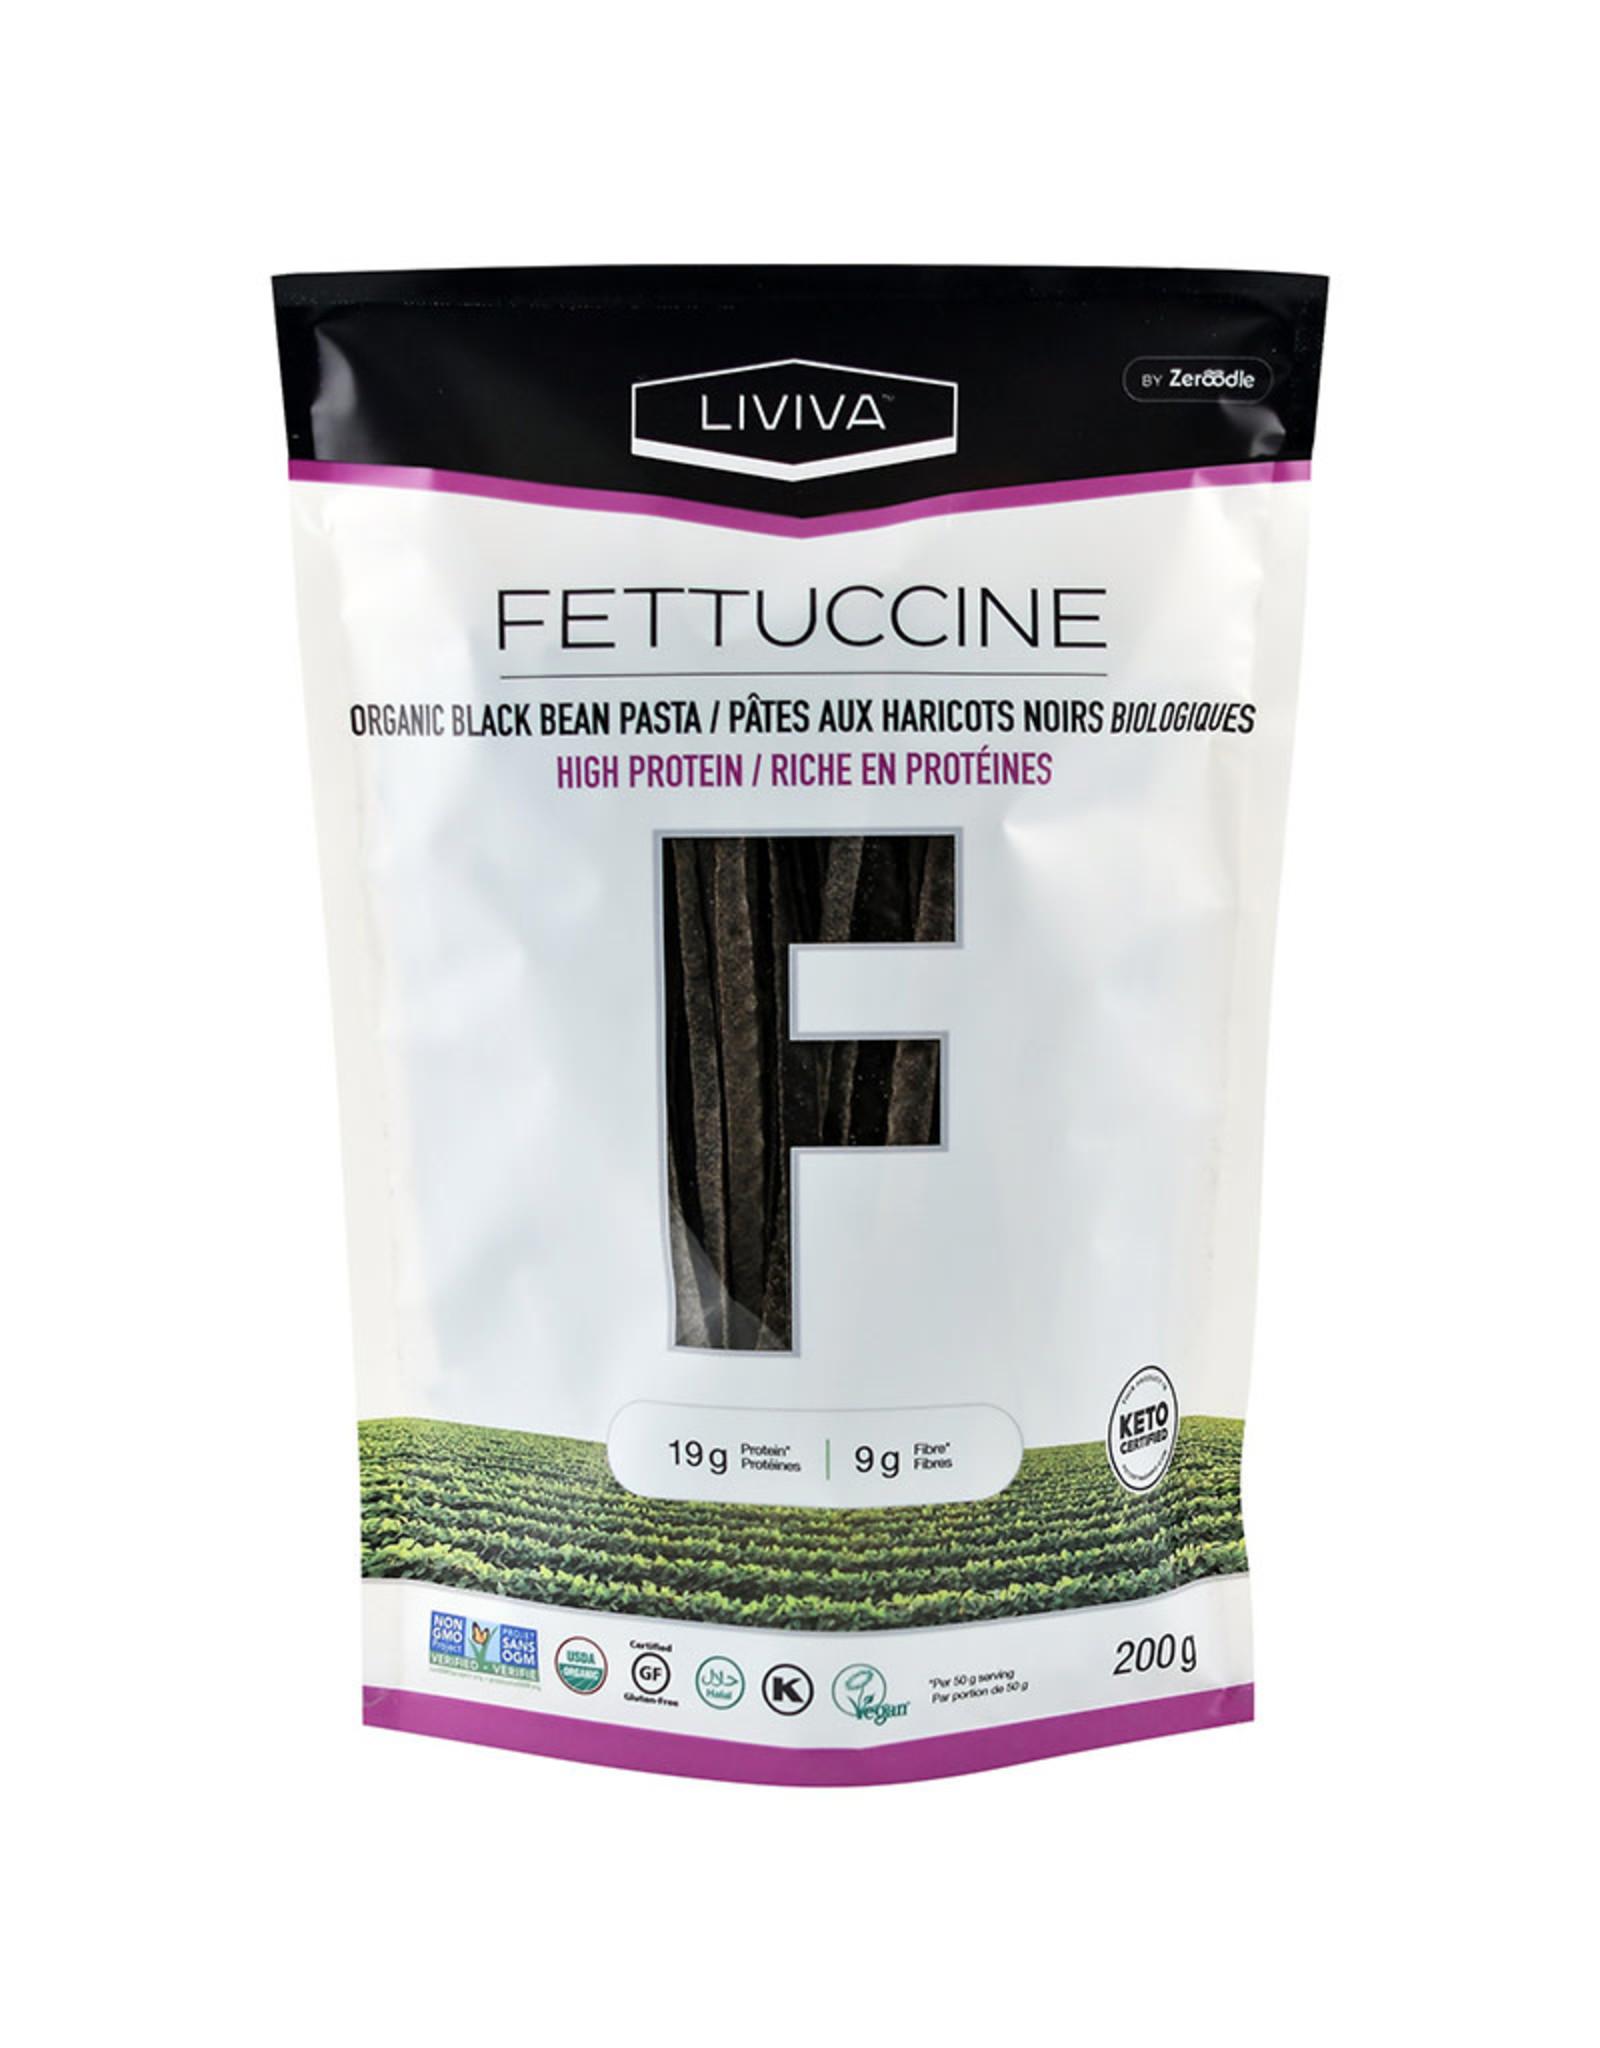 Liviva by Zeroodle Liviva - Black Bean, Fettuccine